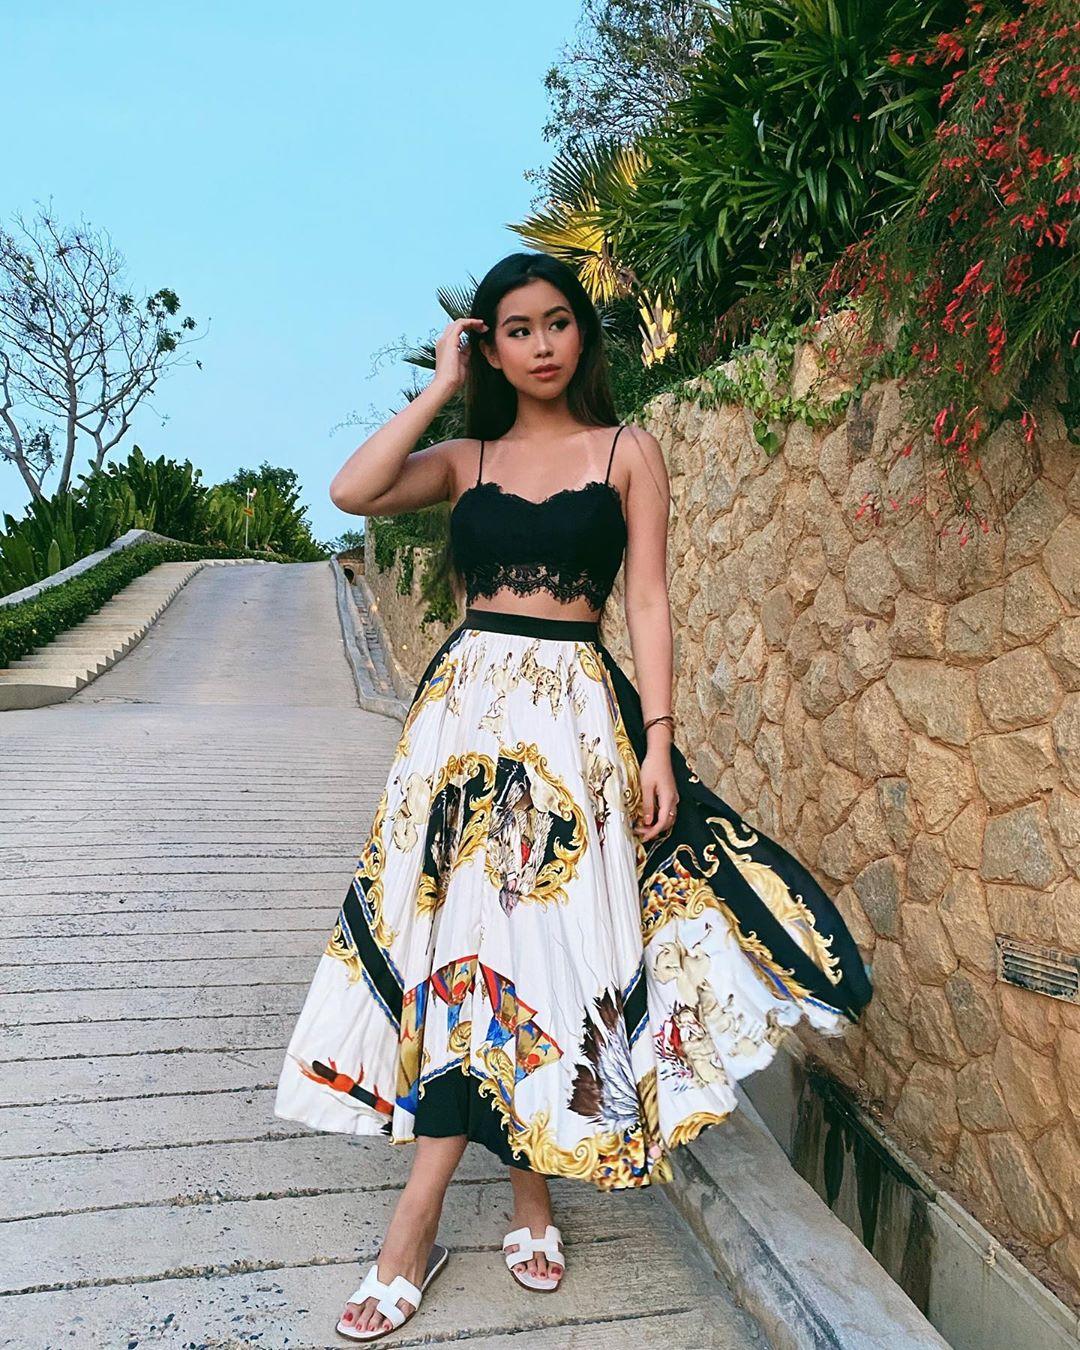 Tiên Nguyễn mặc váy xòe, mang dép nữ màu trắng